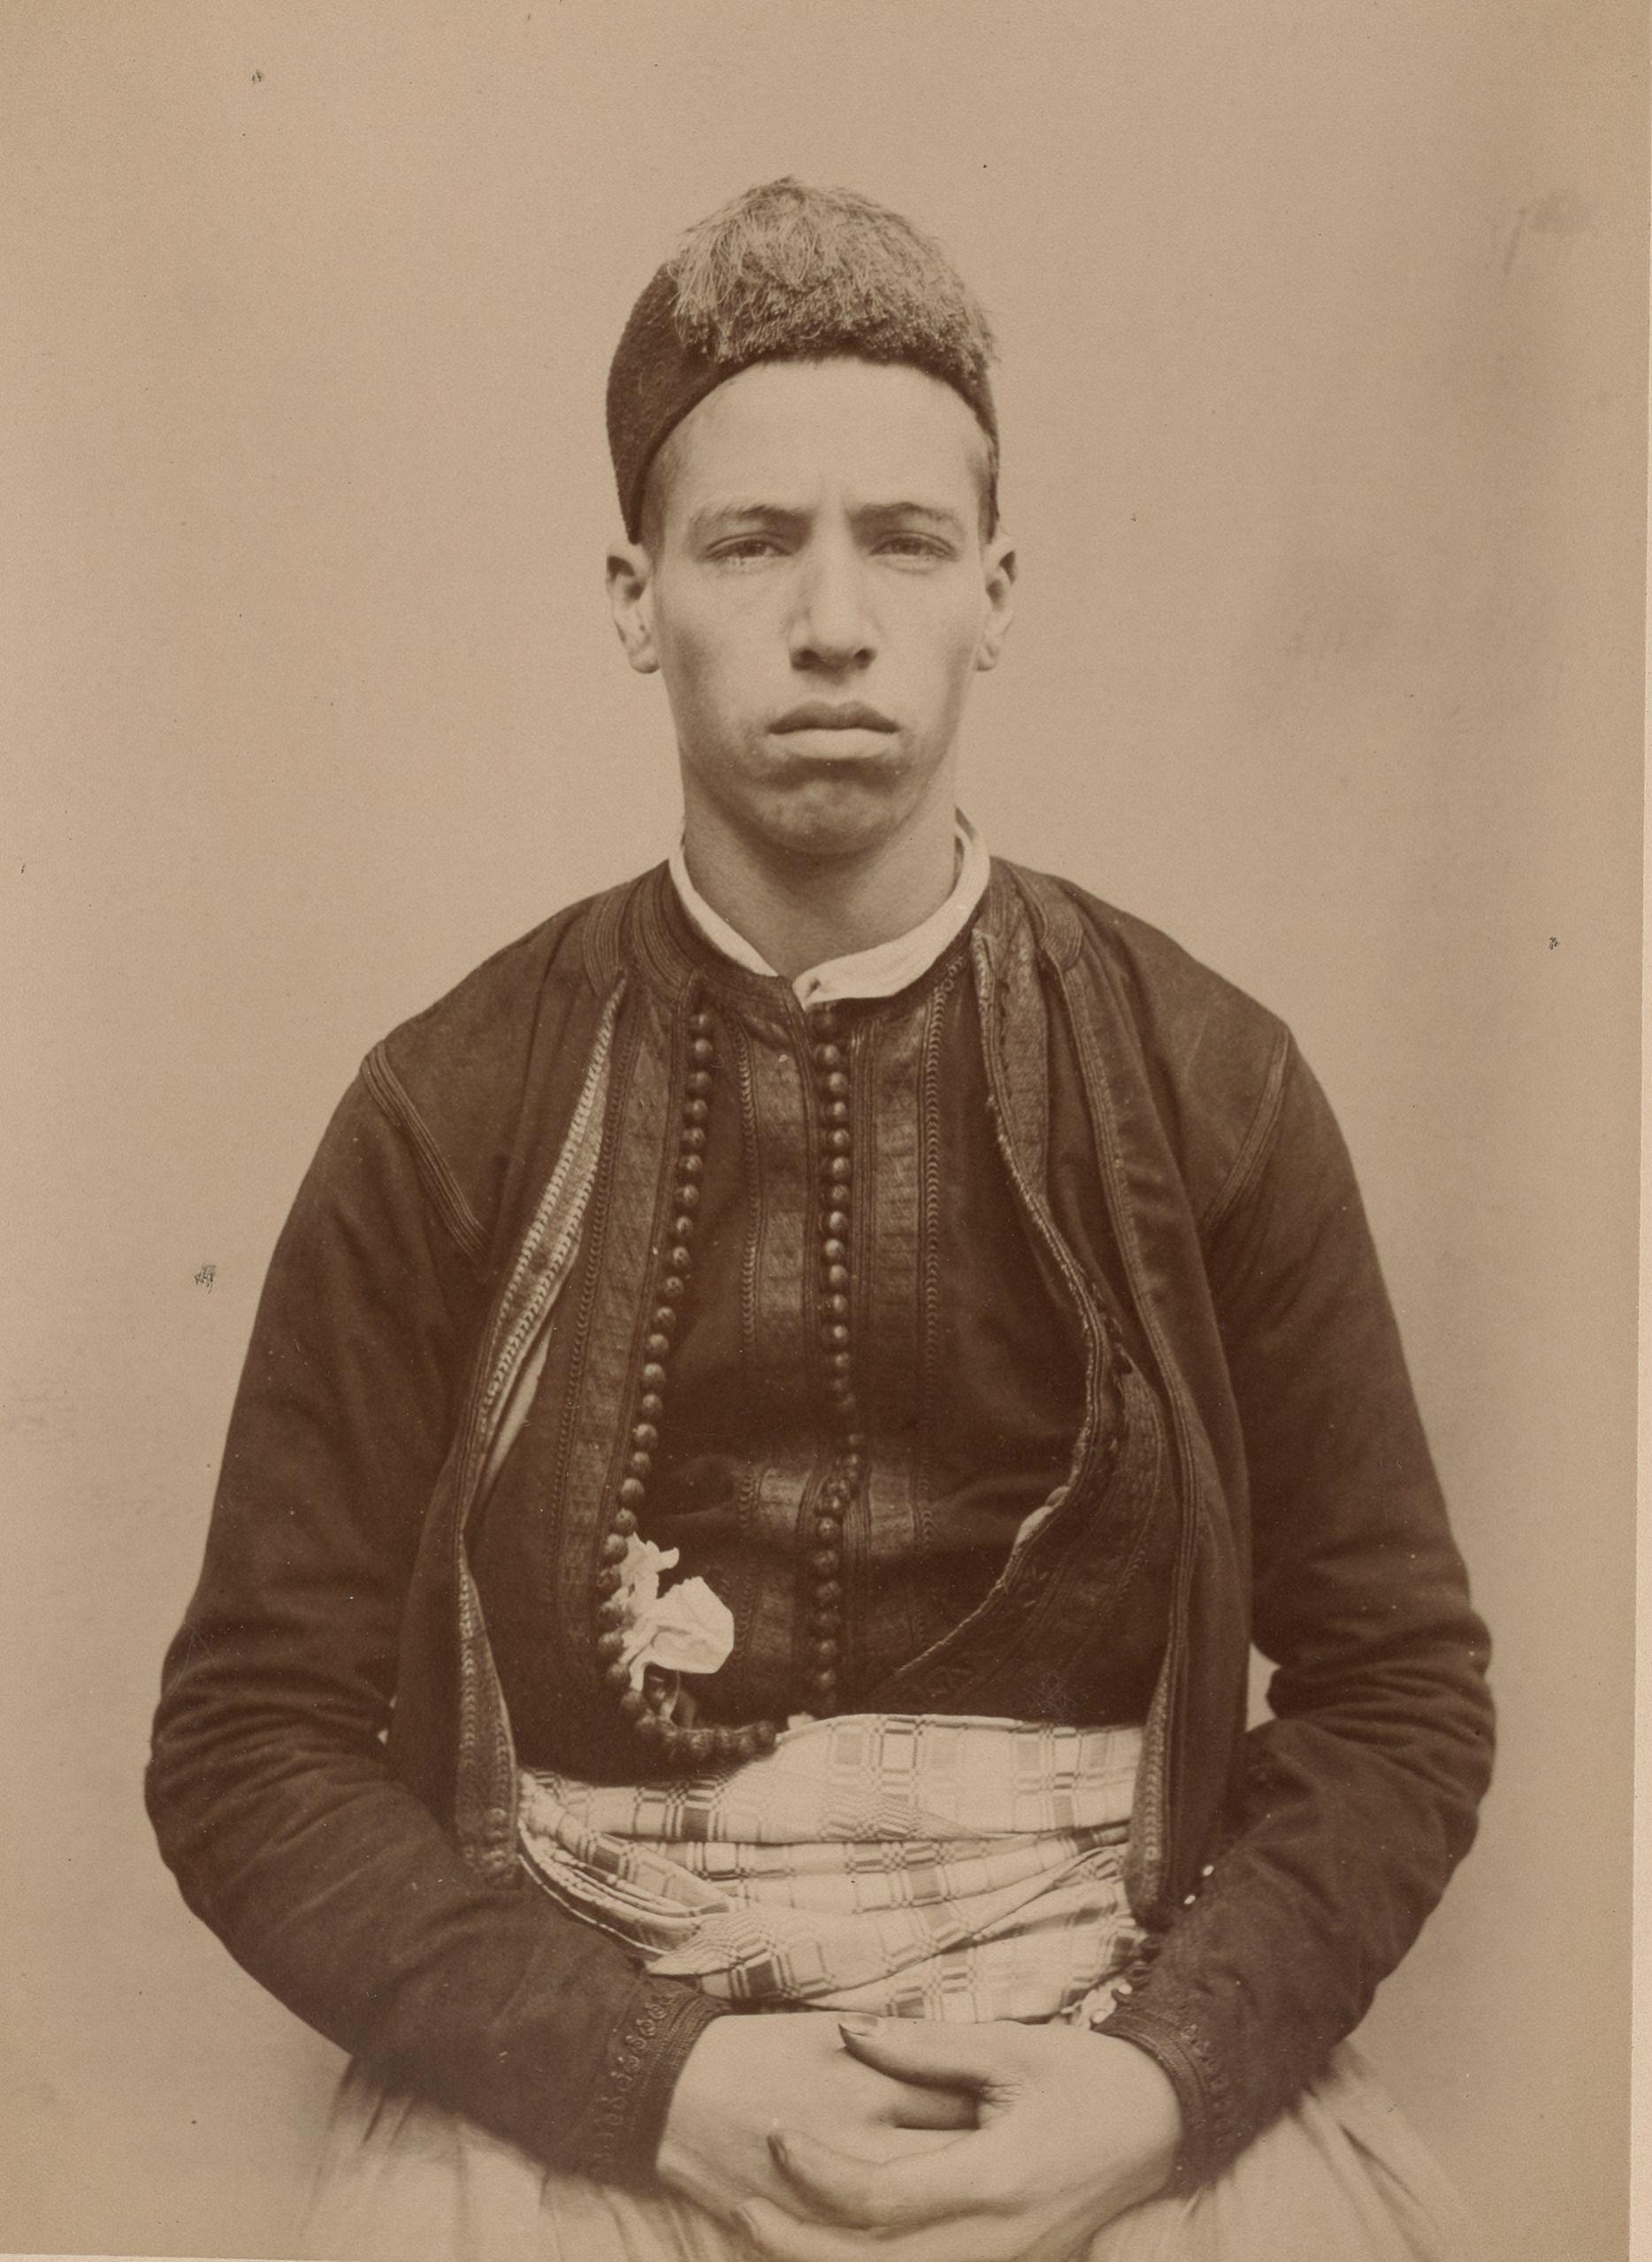 Саид  22 года, родившийся в Алжире, помощник хозяина кафе (вид спереди)